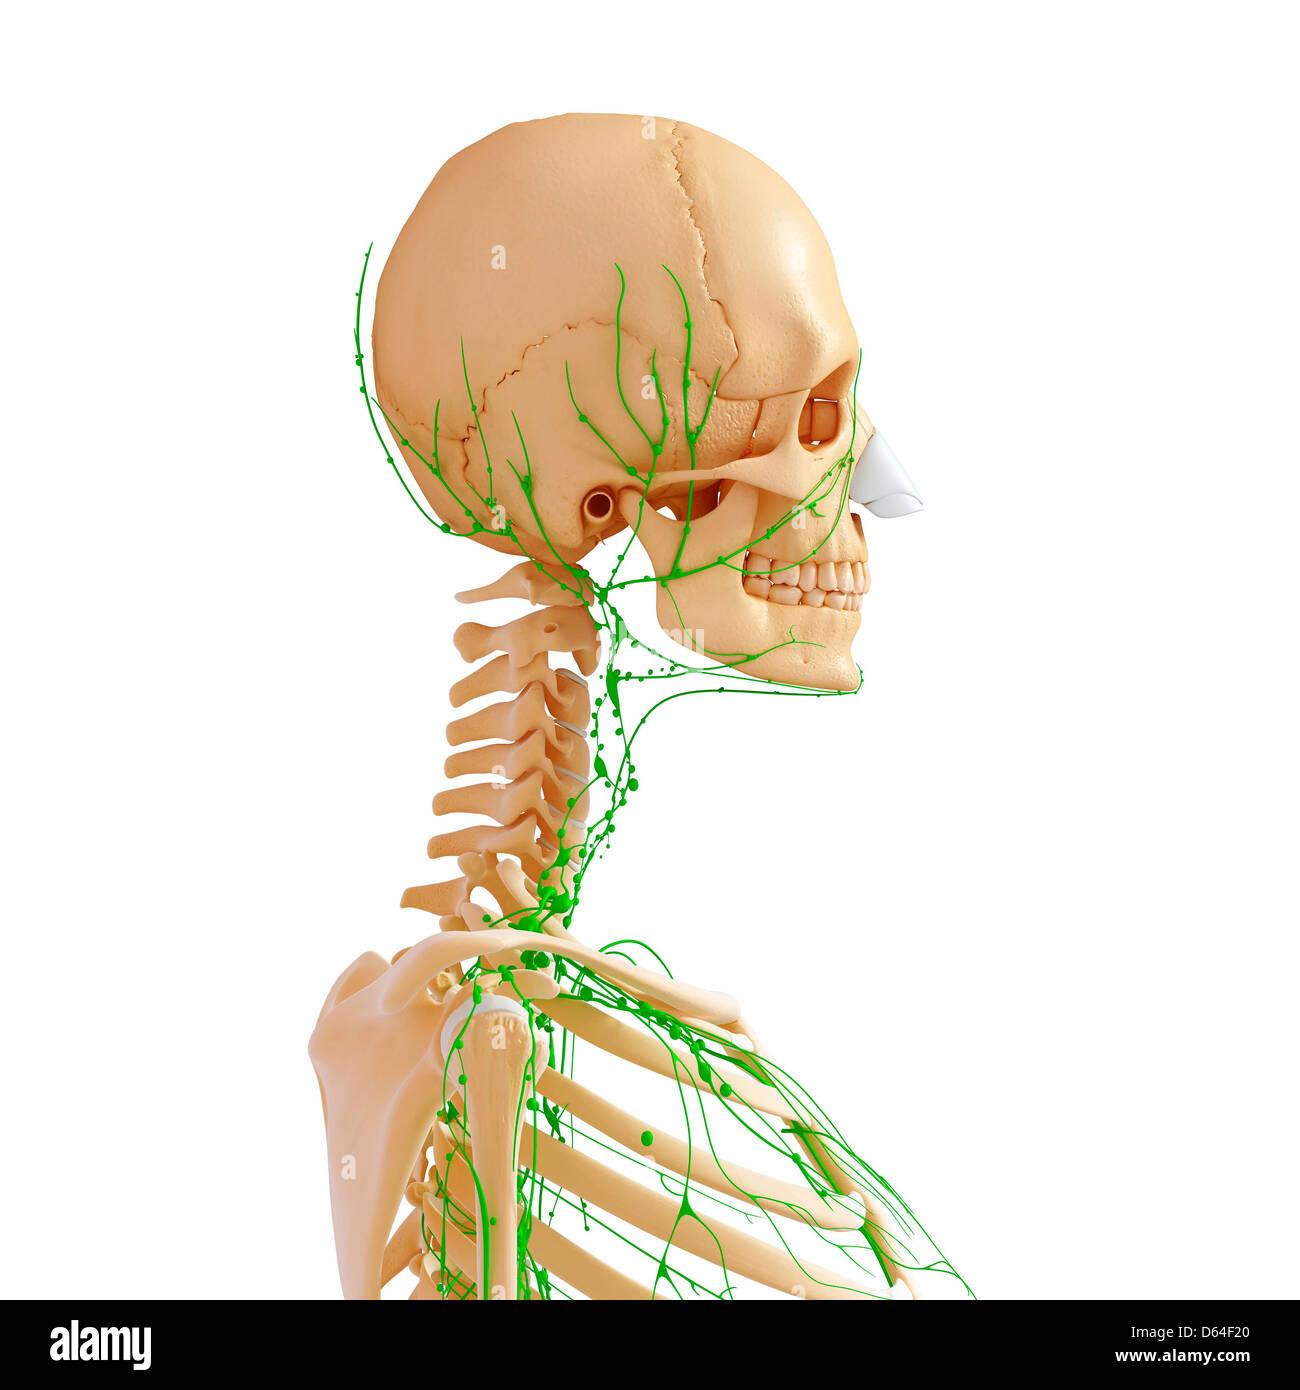 Beste Weibliche Anatomie Studien Ideen - Anatomie Ideen - finotti.info